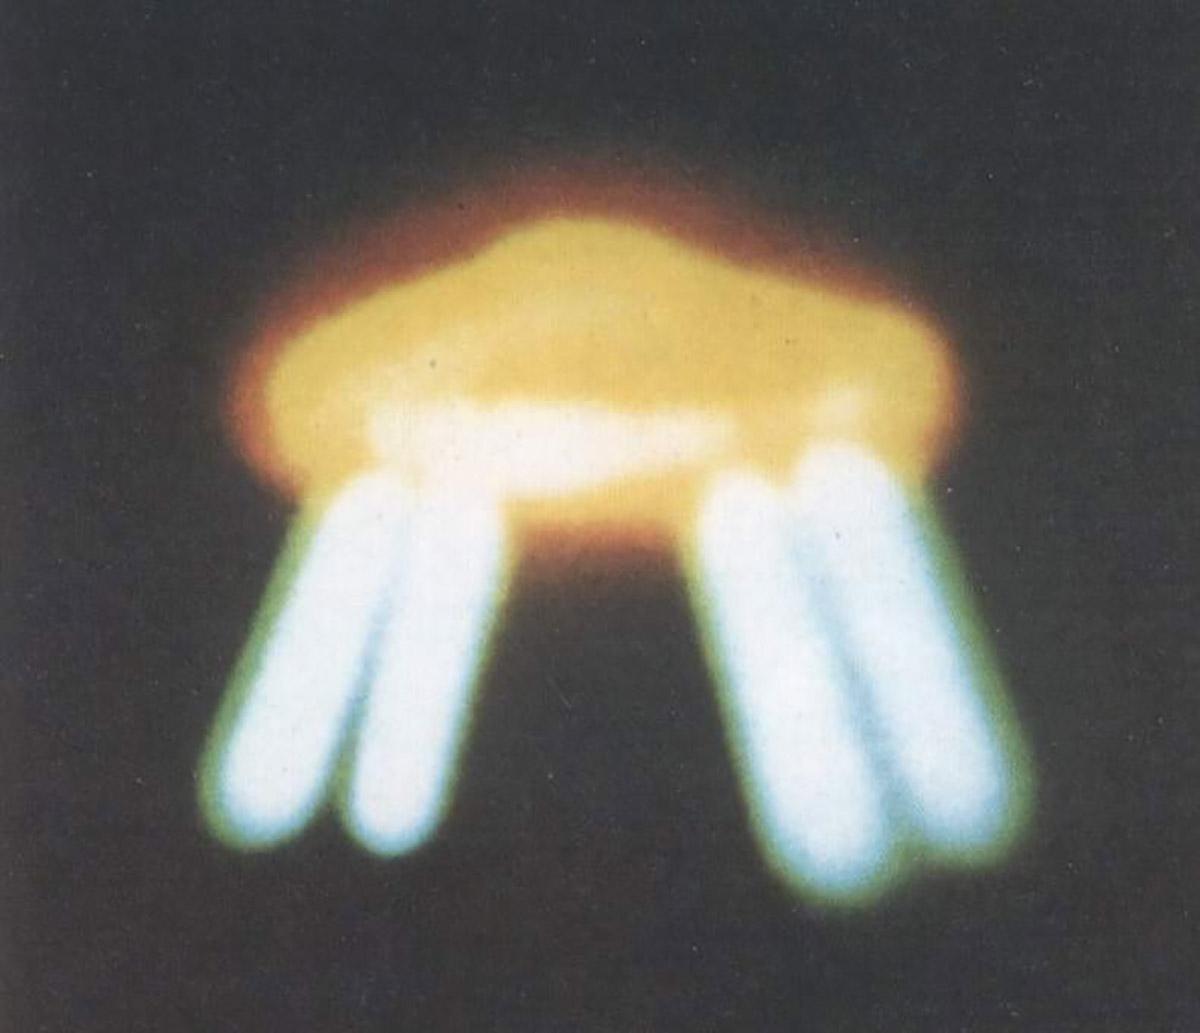 ufologia, OVNI, OVNIs, disco voador, ETs, real